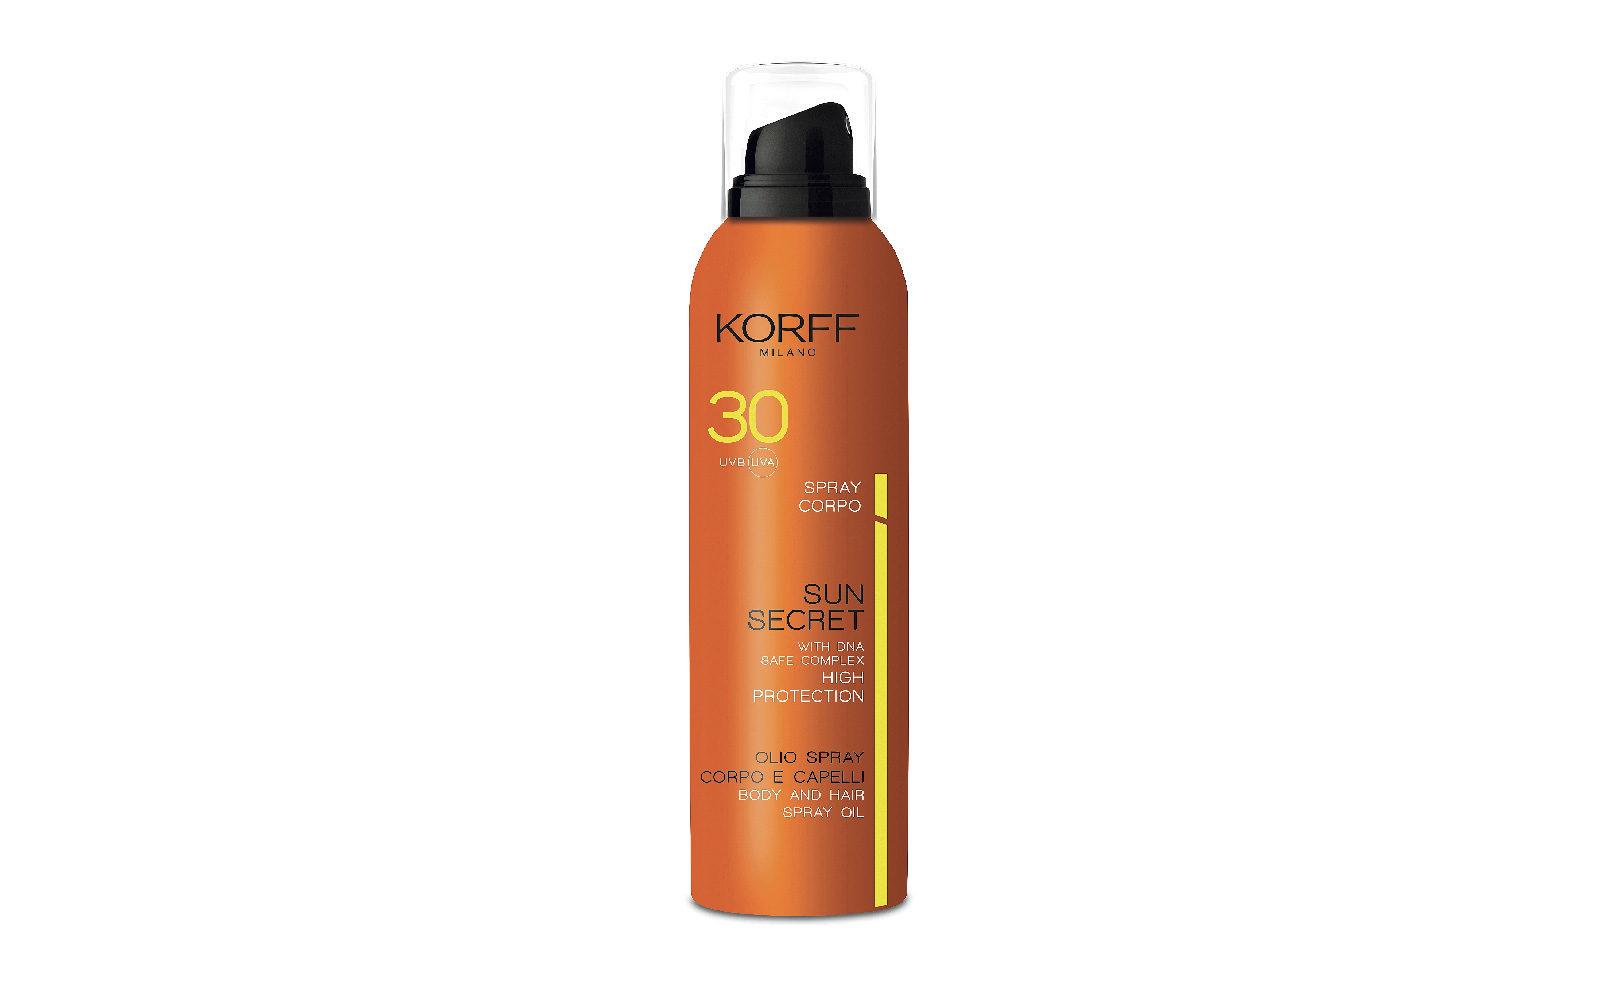 Protegge la pelle  e i capelli anche trattati, l'Olio Corpo  e Capelli Spray Spf 30 della linea Sun Secret di Korff (farmacia, 27 euro).